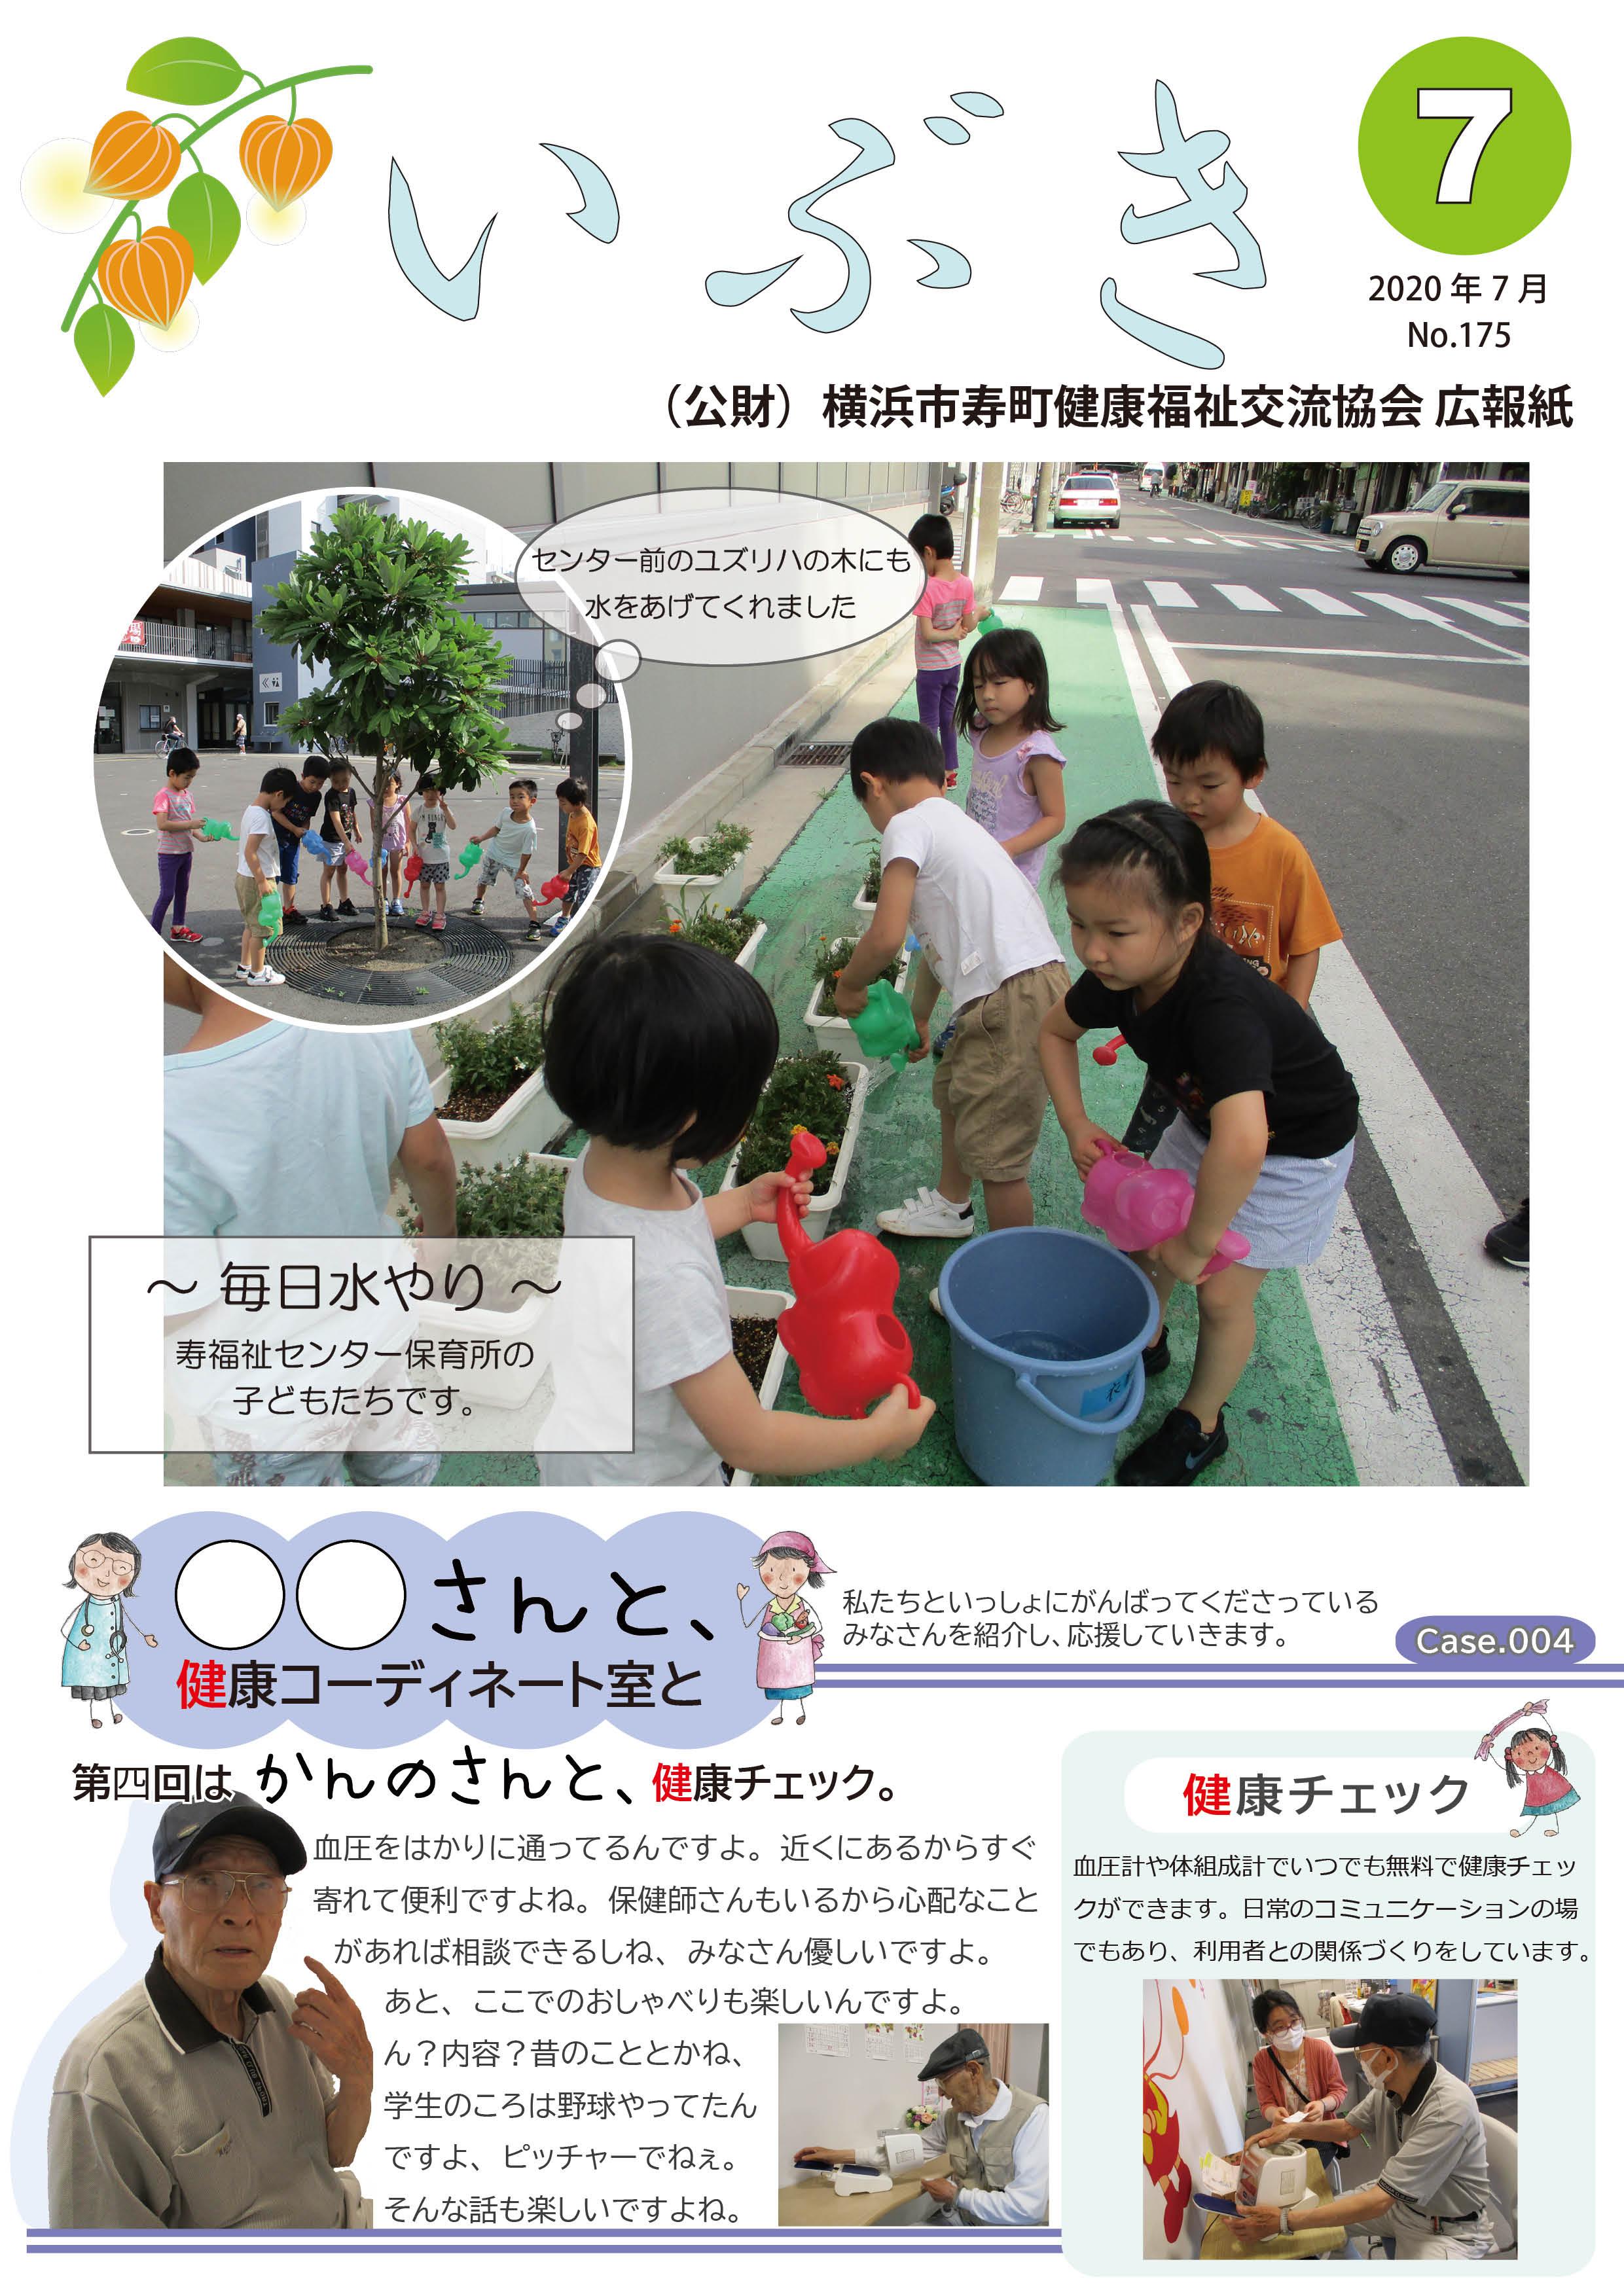 広報紙いぶき2020年7月号(No.175)